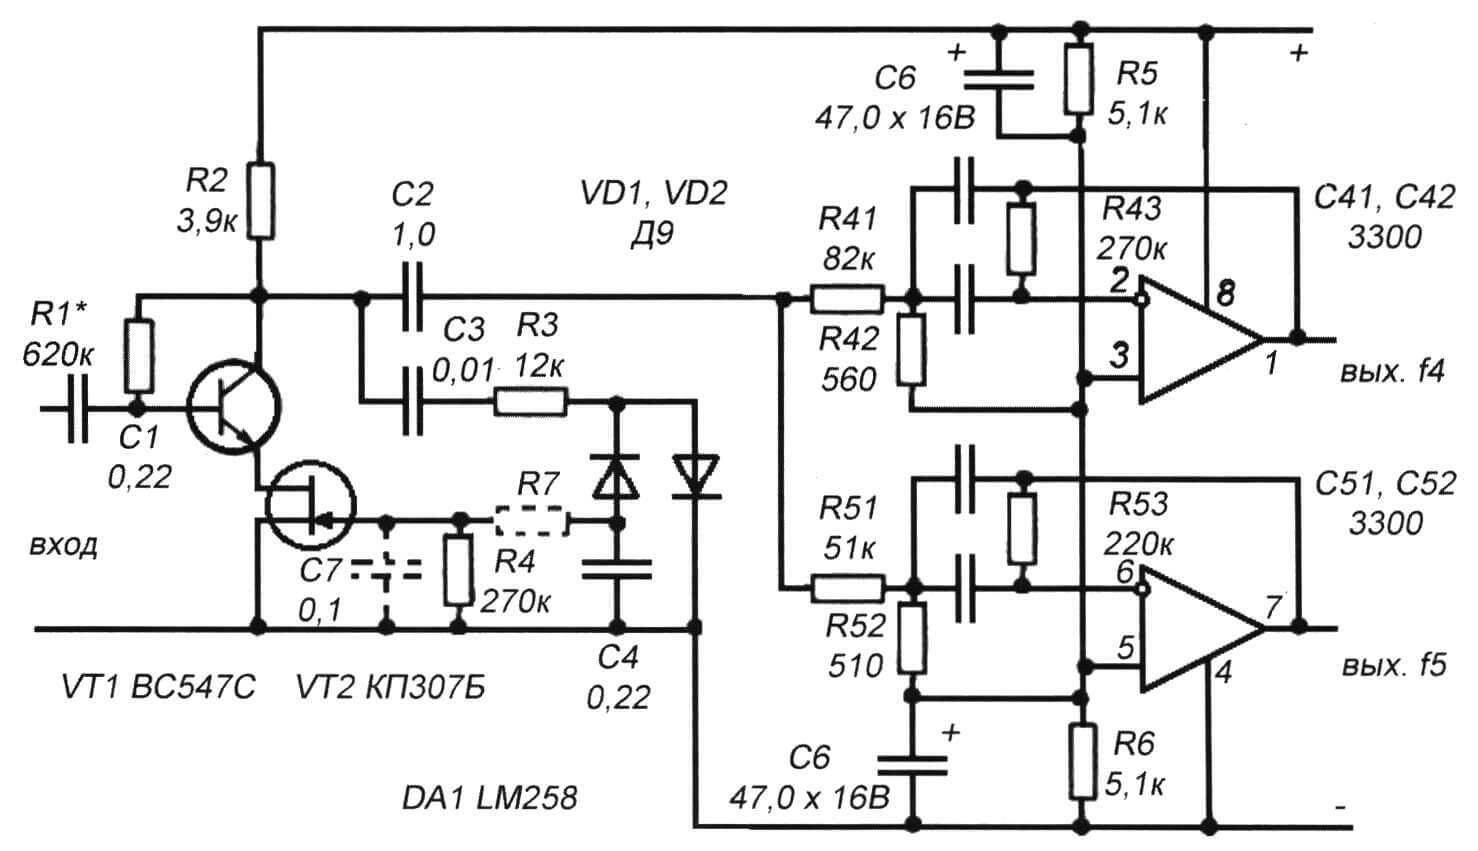 Рис. 2. Принципиальная схема дешифратора ДР-2